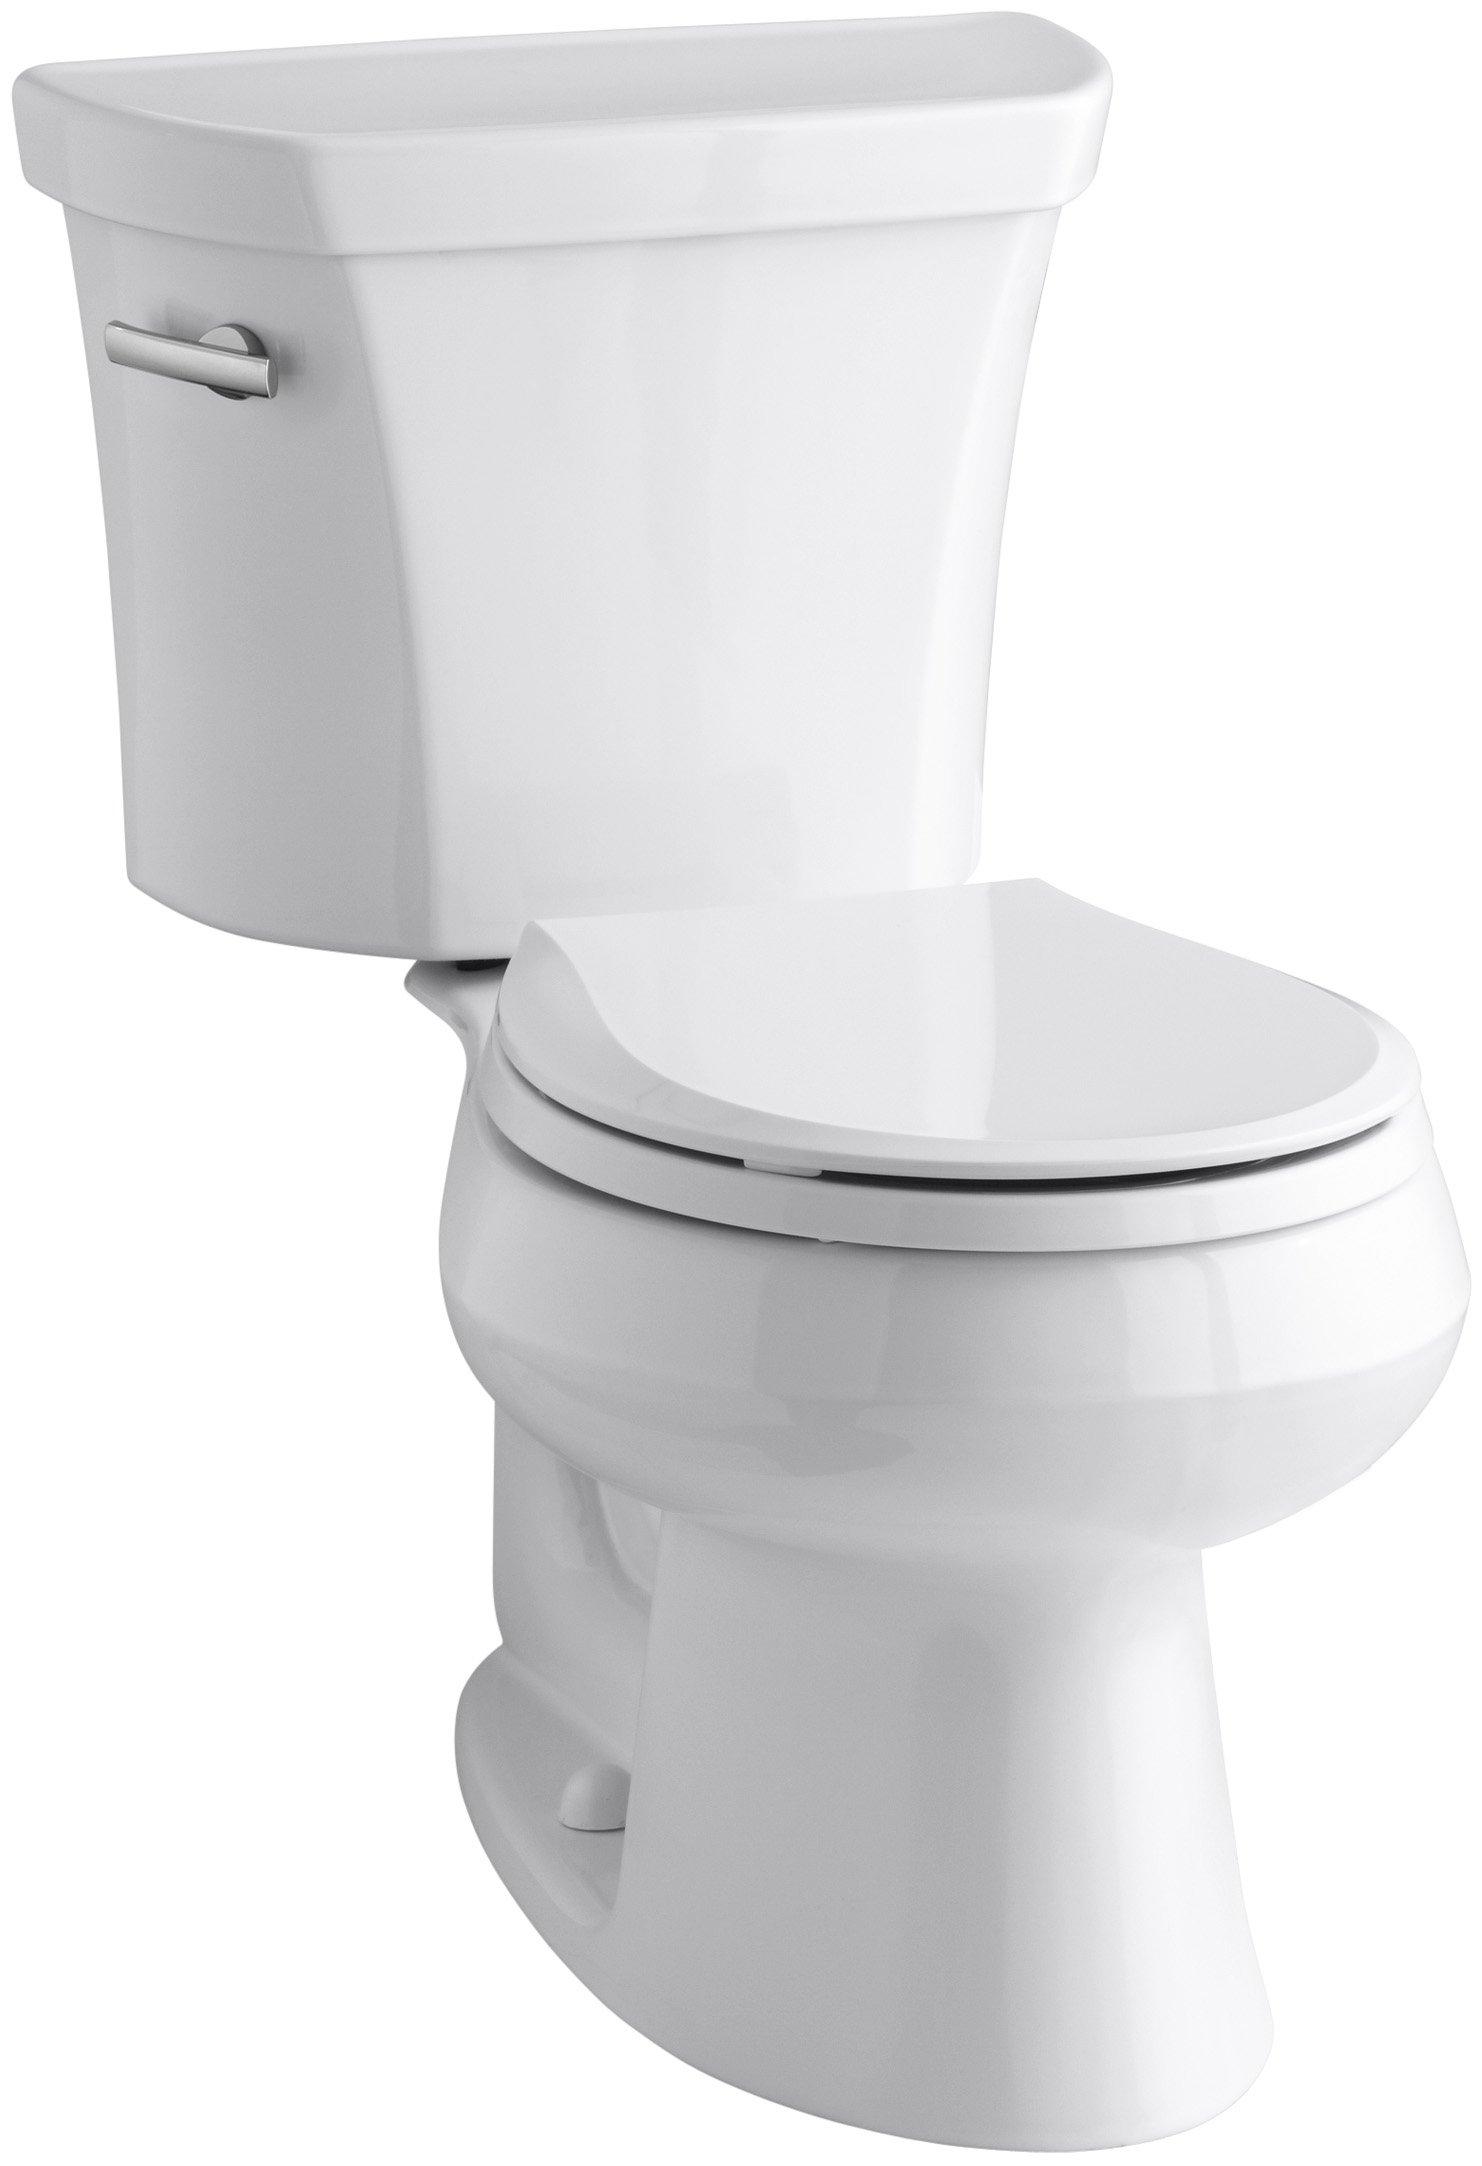 Kohler K-3997-0 Wellworth Round-Front 1.28 gpf Toilet, White by Kohler